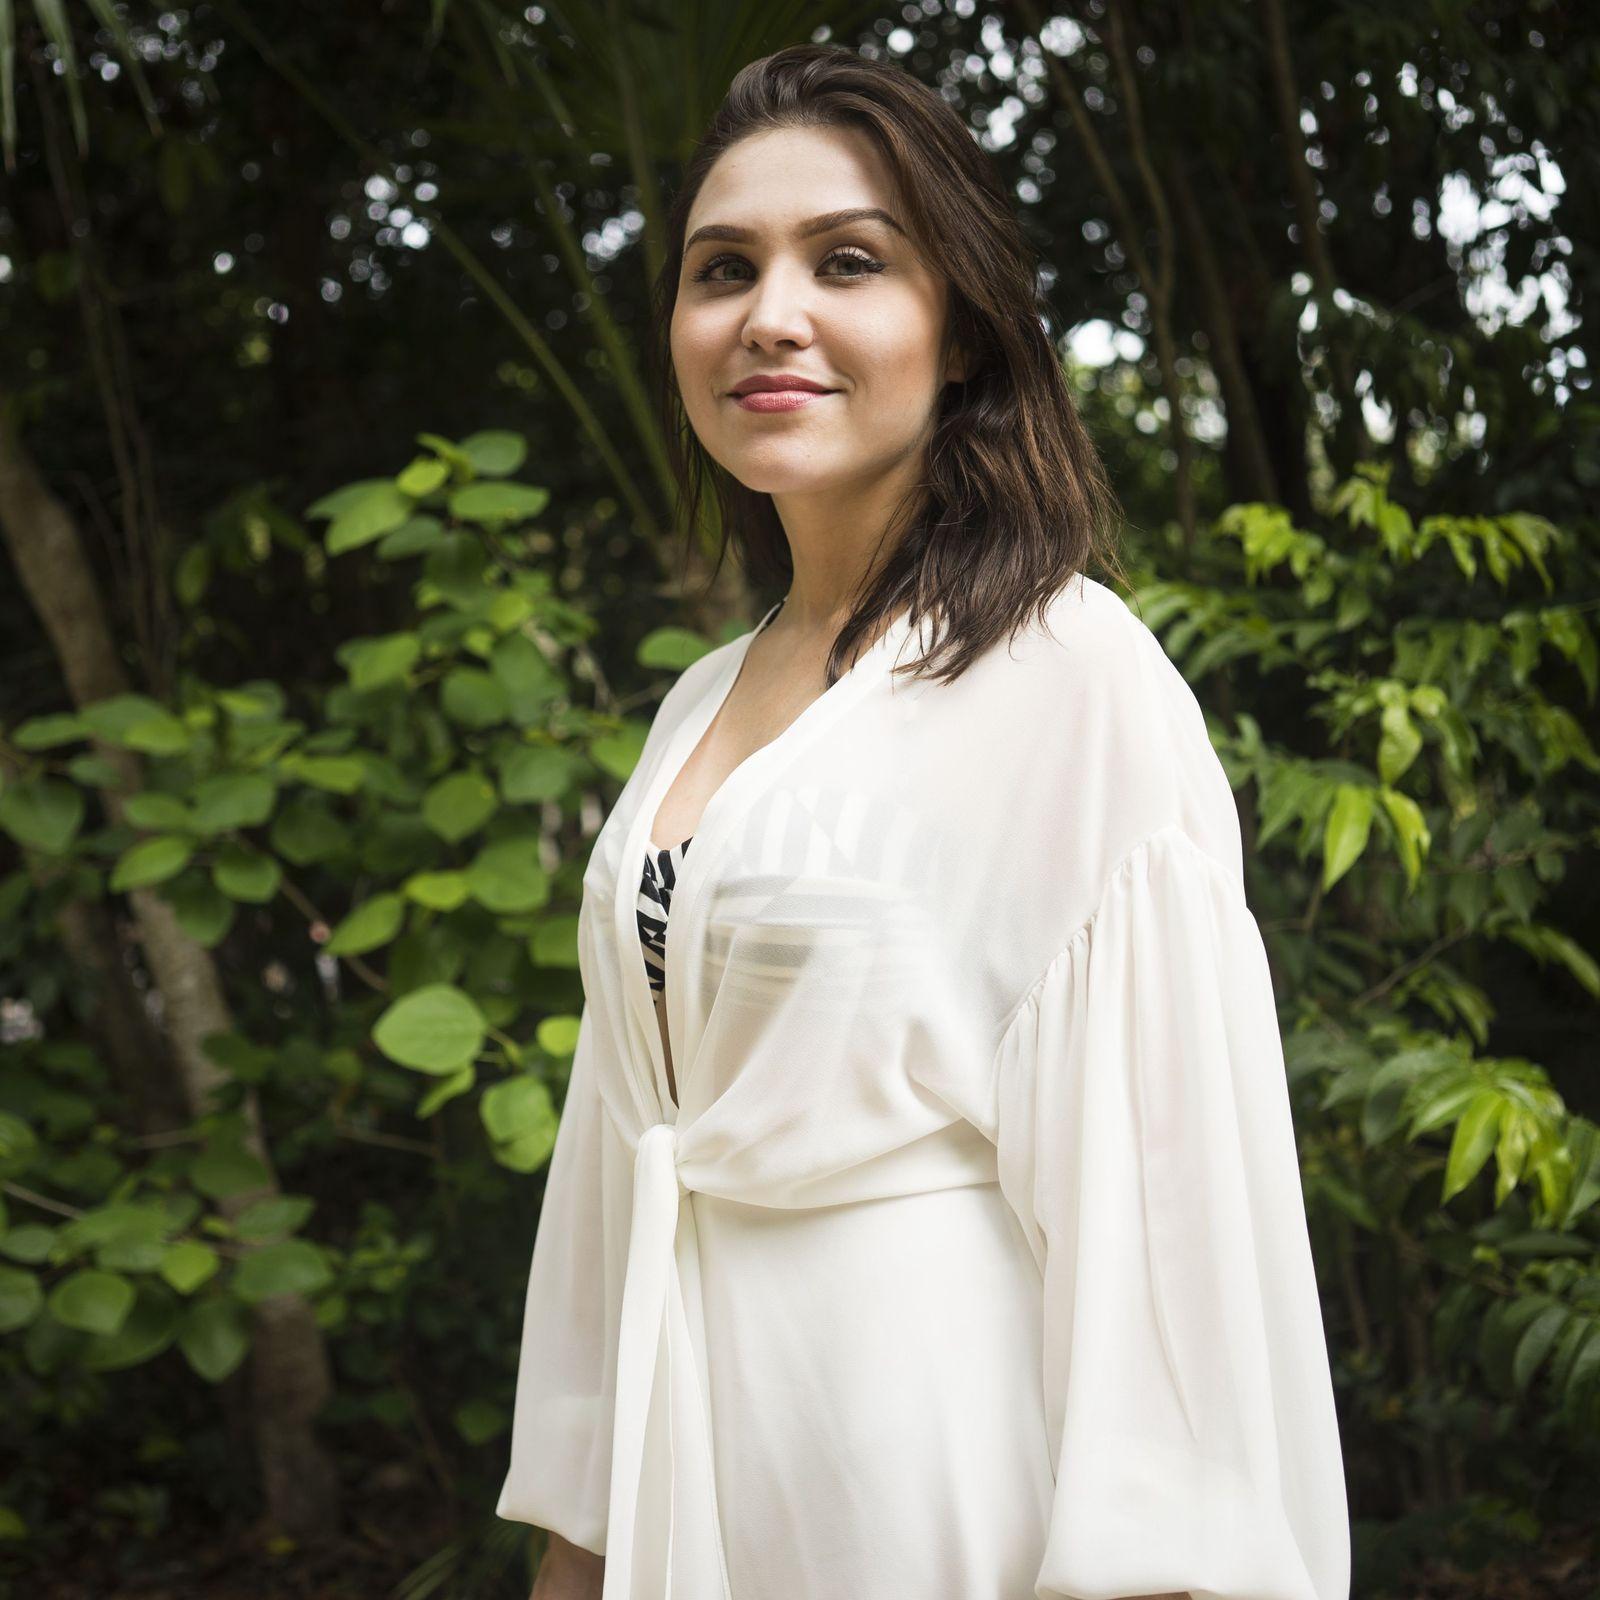 La influencer Chata de Galocha elige la Riviera Maya como destino para tomarse unos días de vacaciones de relax